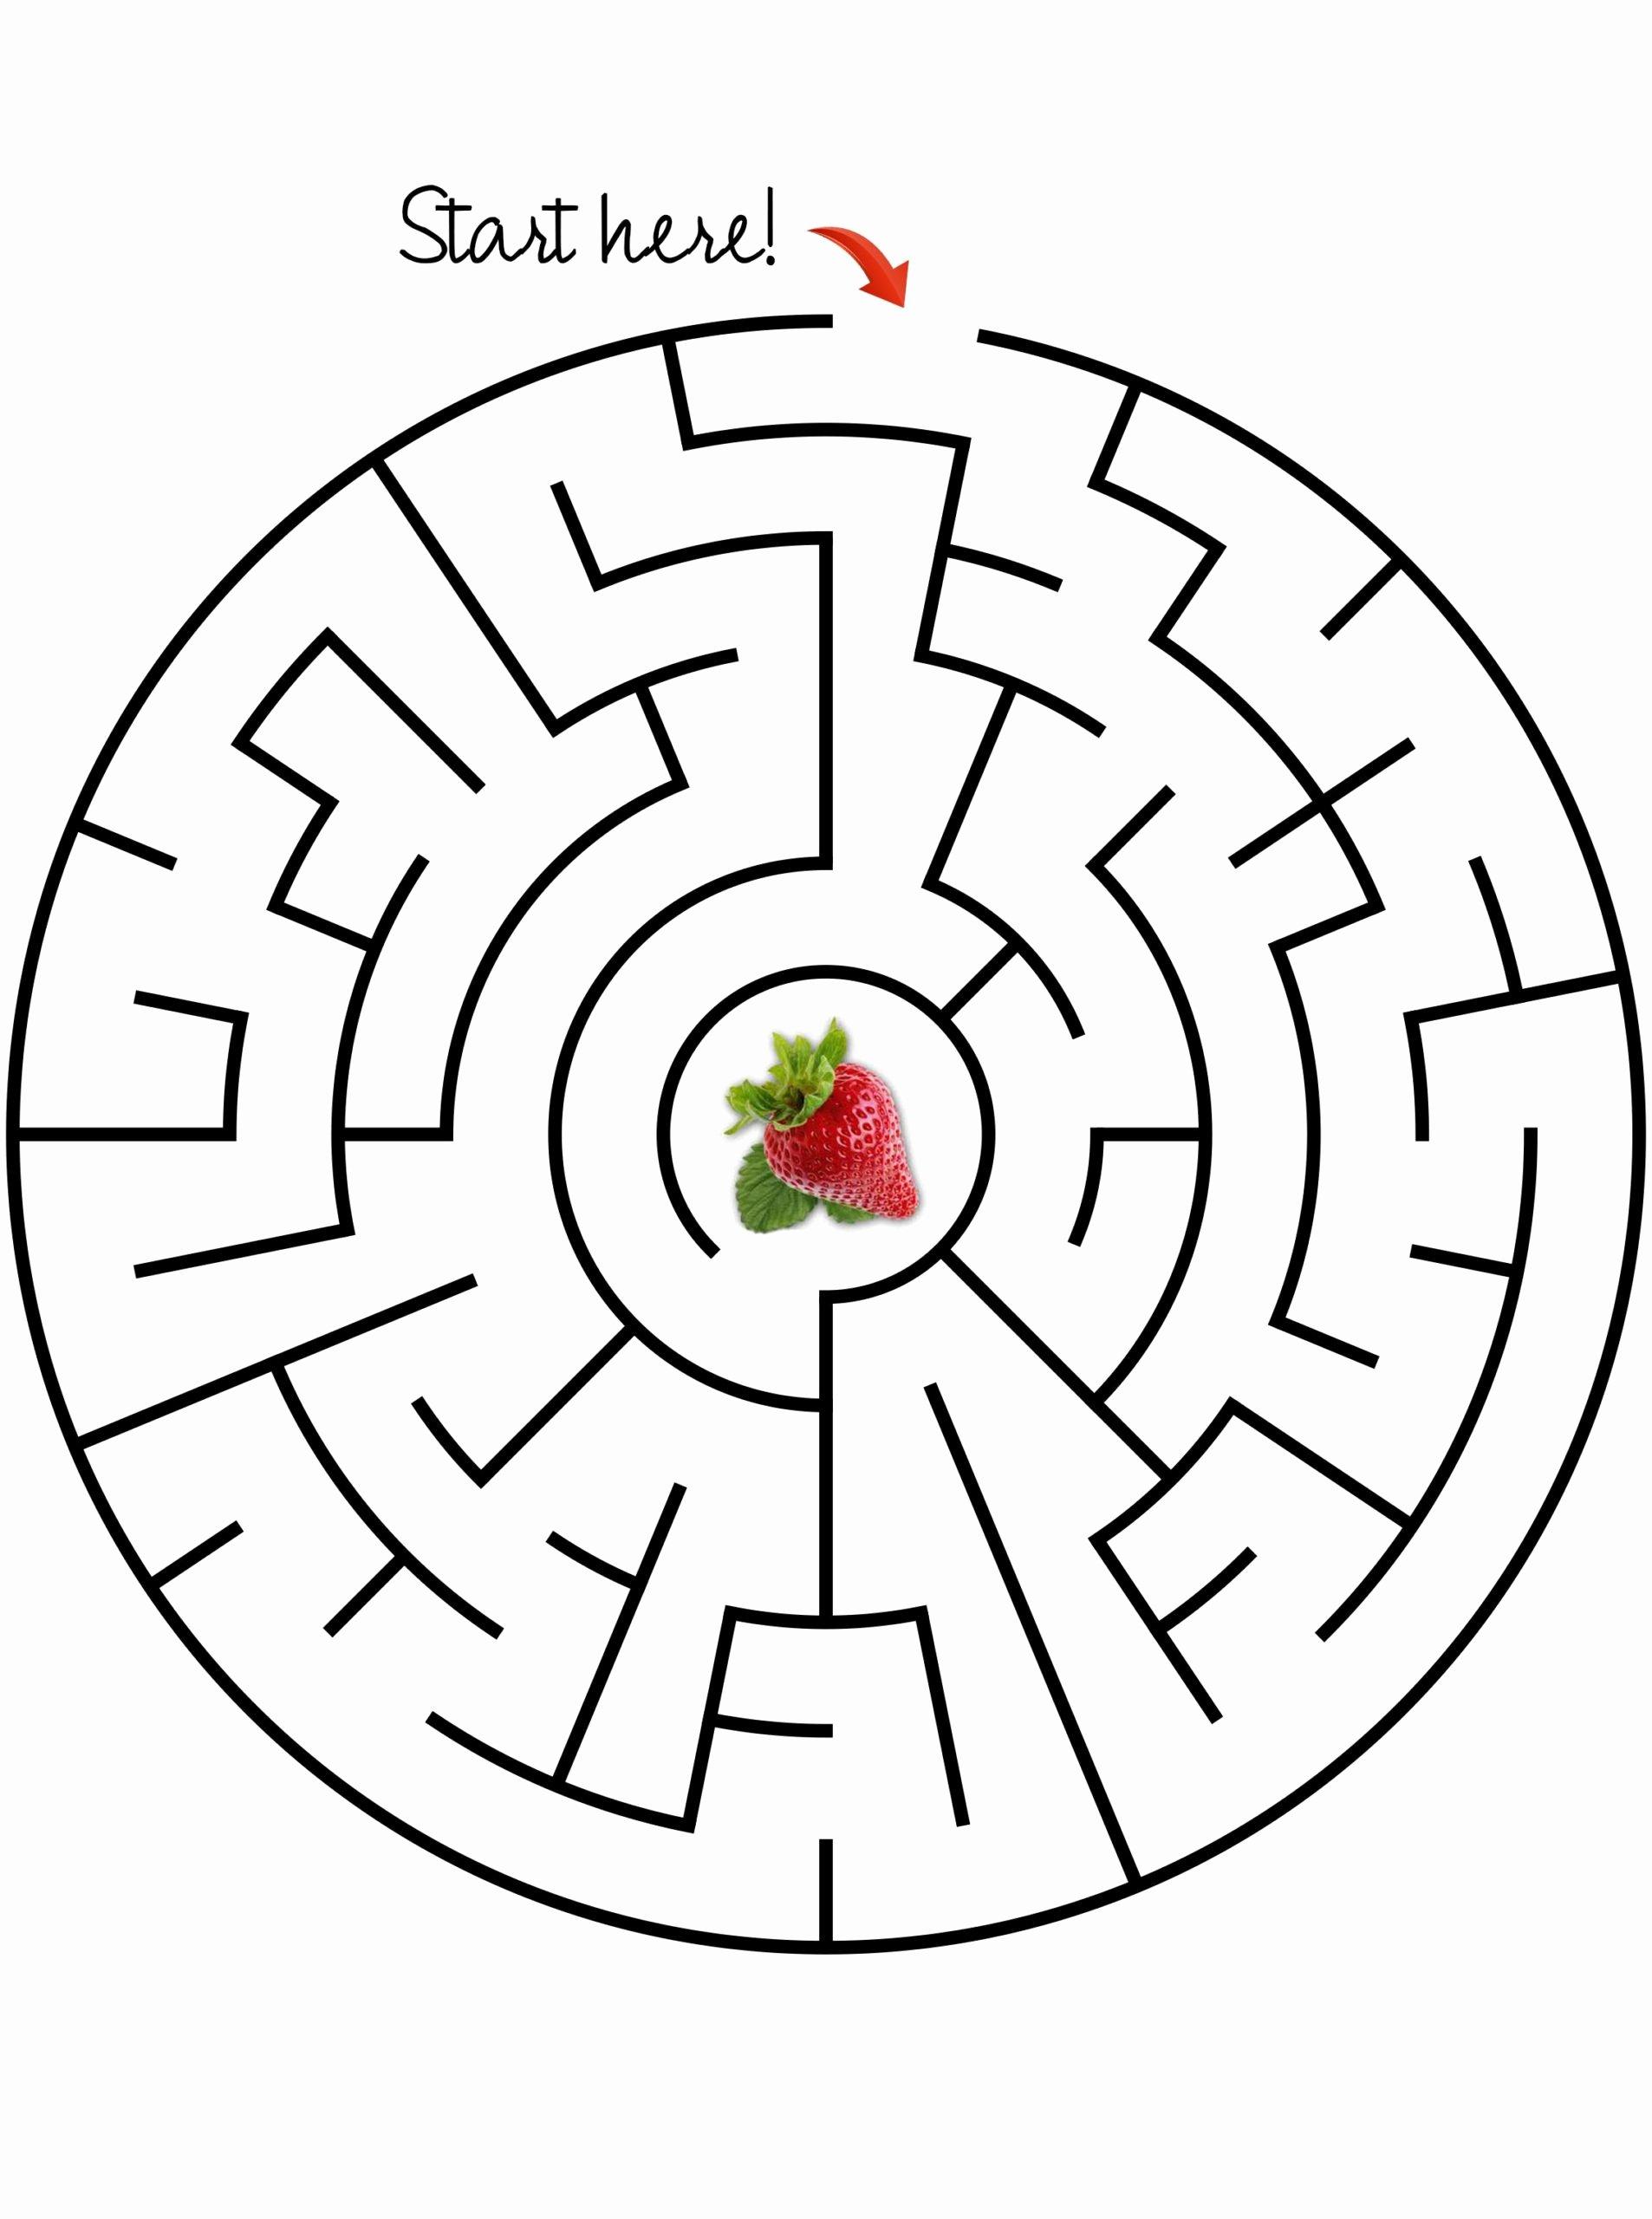 Maze Worksheets for Preschoolers top Worksheet Preschool Maze Printable Worksheets and Activities